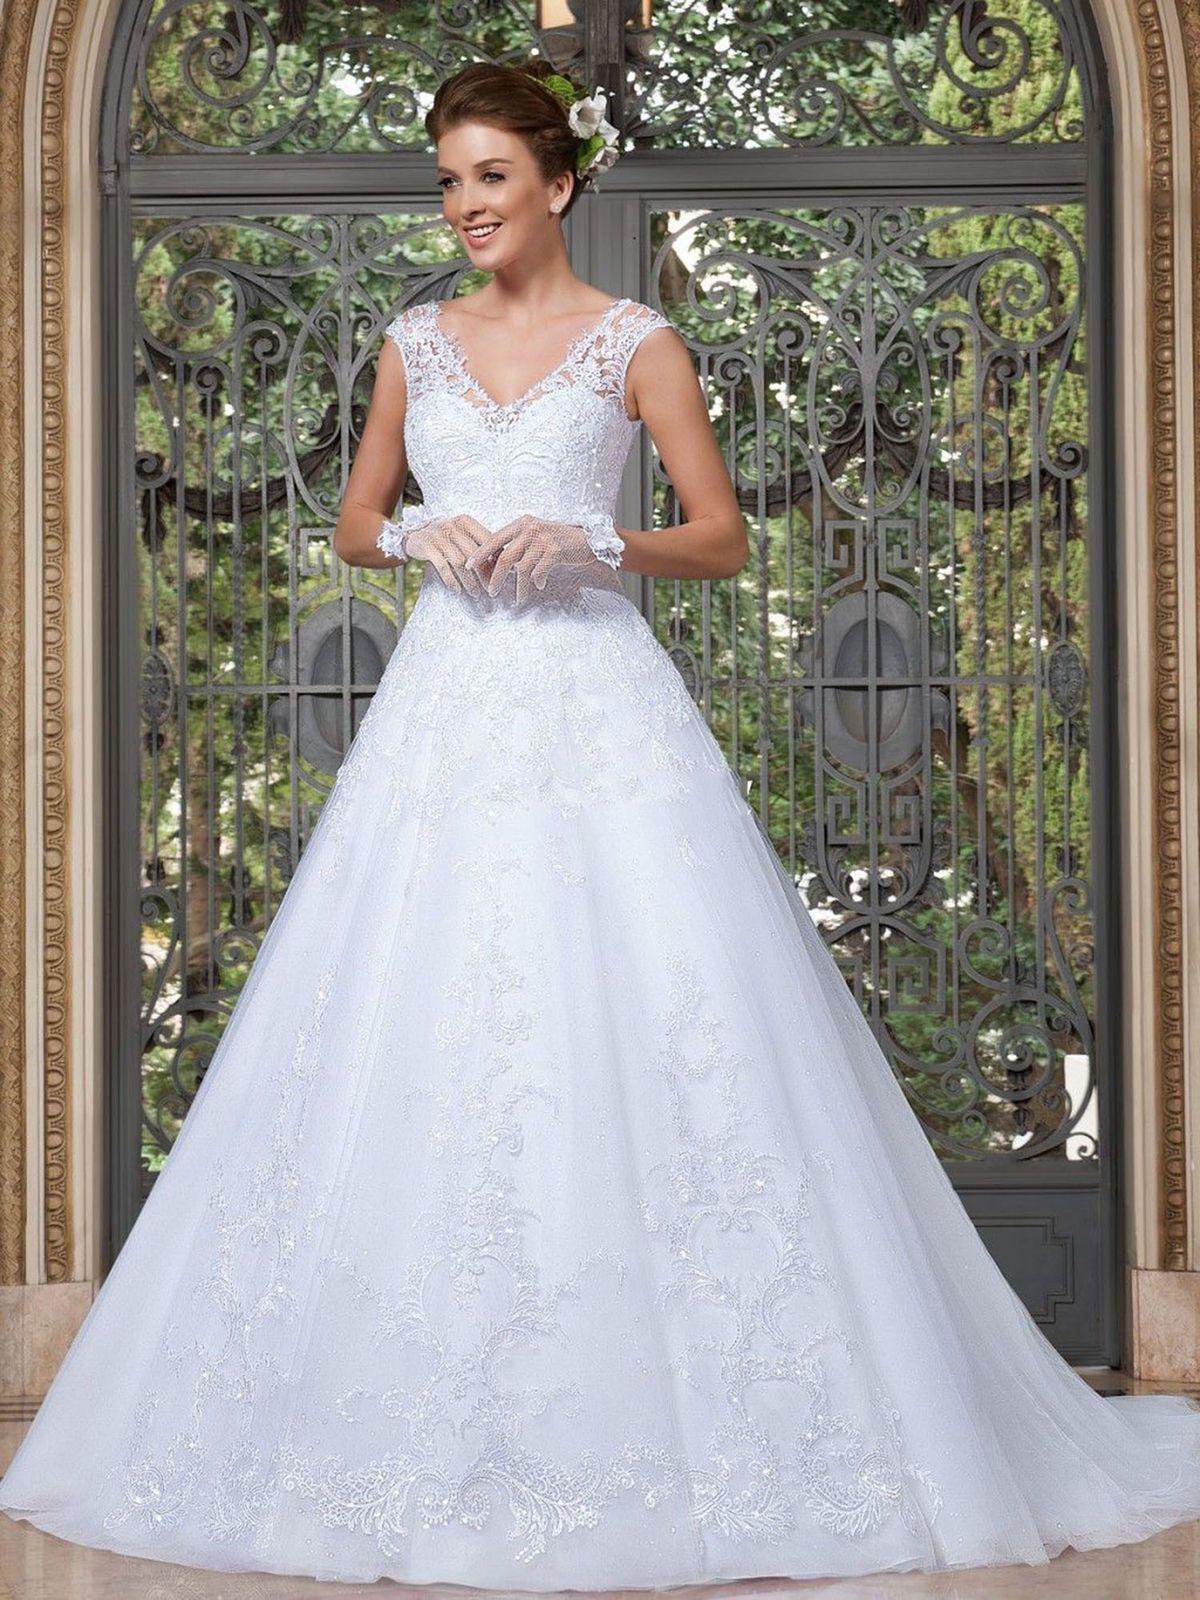 Nice amazing new white ivory wedding dress bridal gown custom size